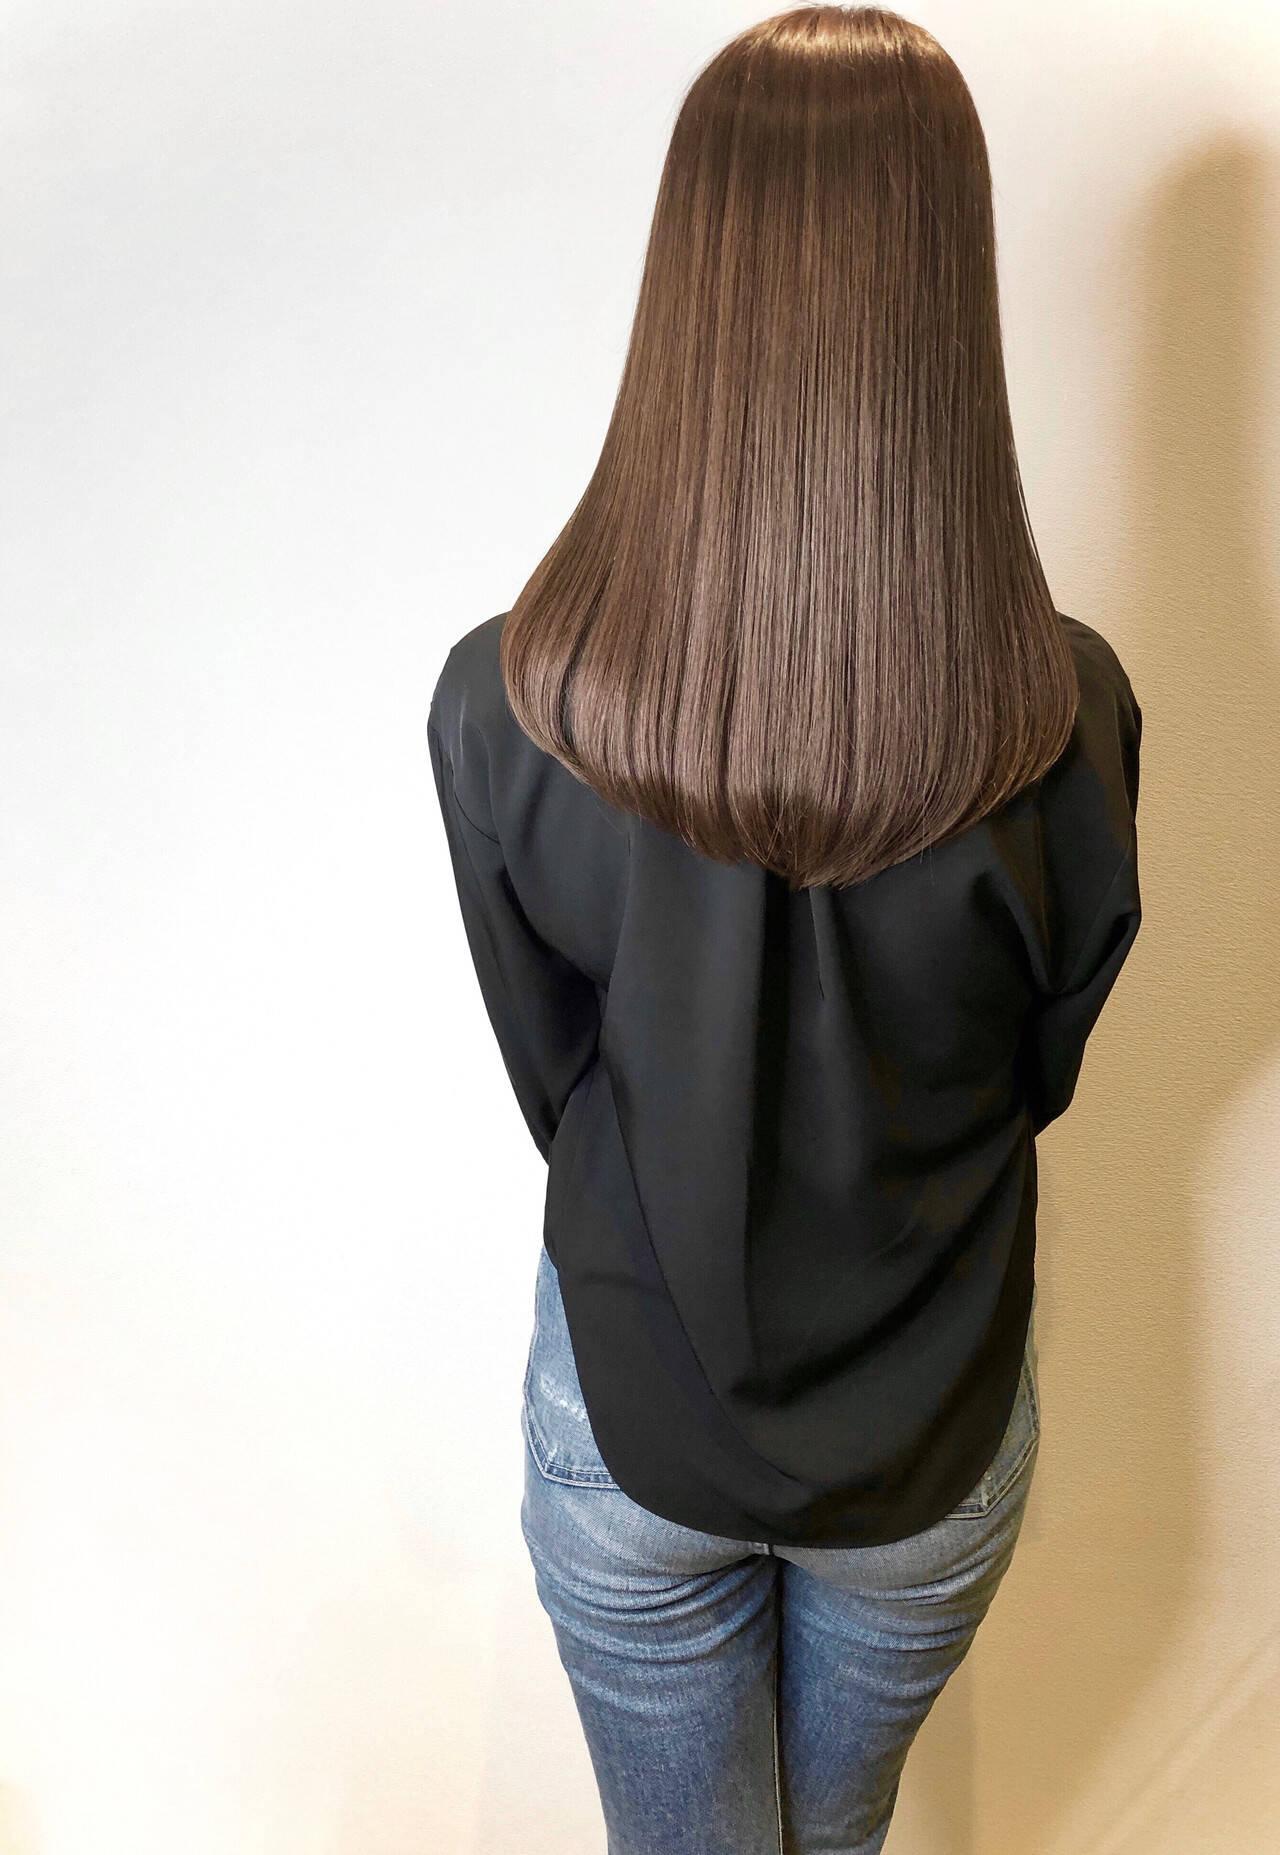 うる艶カラー マットグレージュ 艶カラー ナチュラルヘアスタイルや髪型の写真・画像